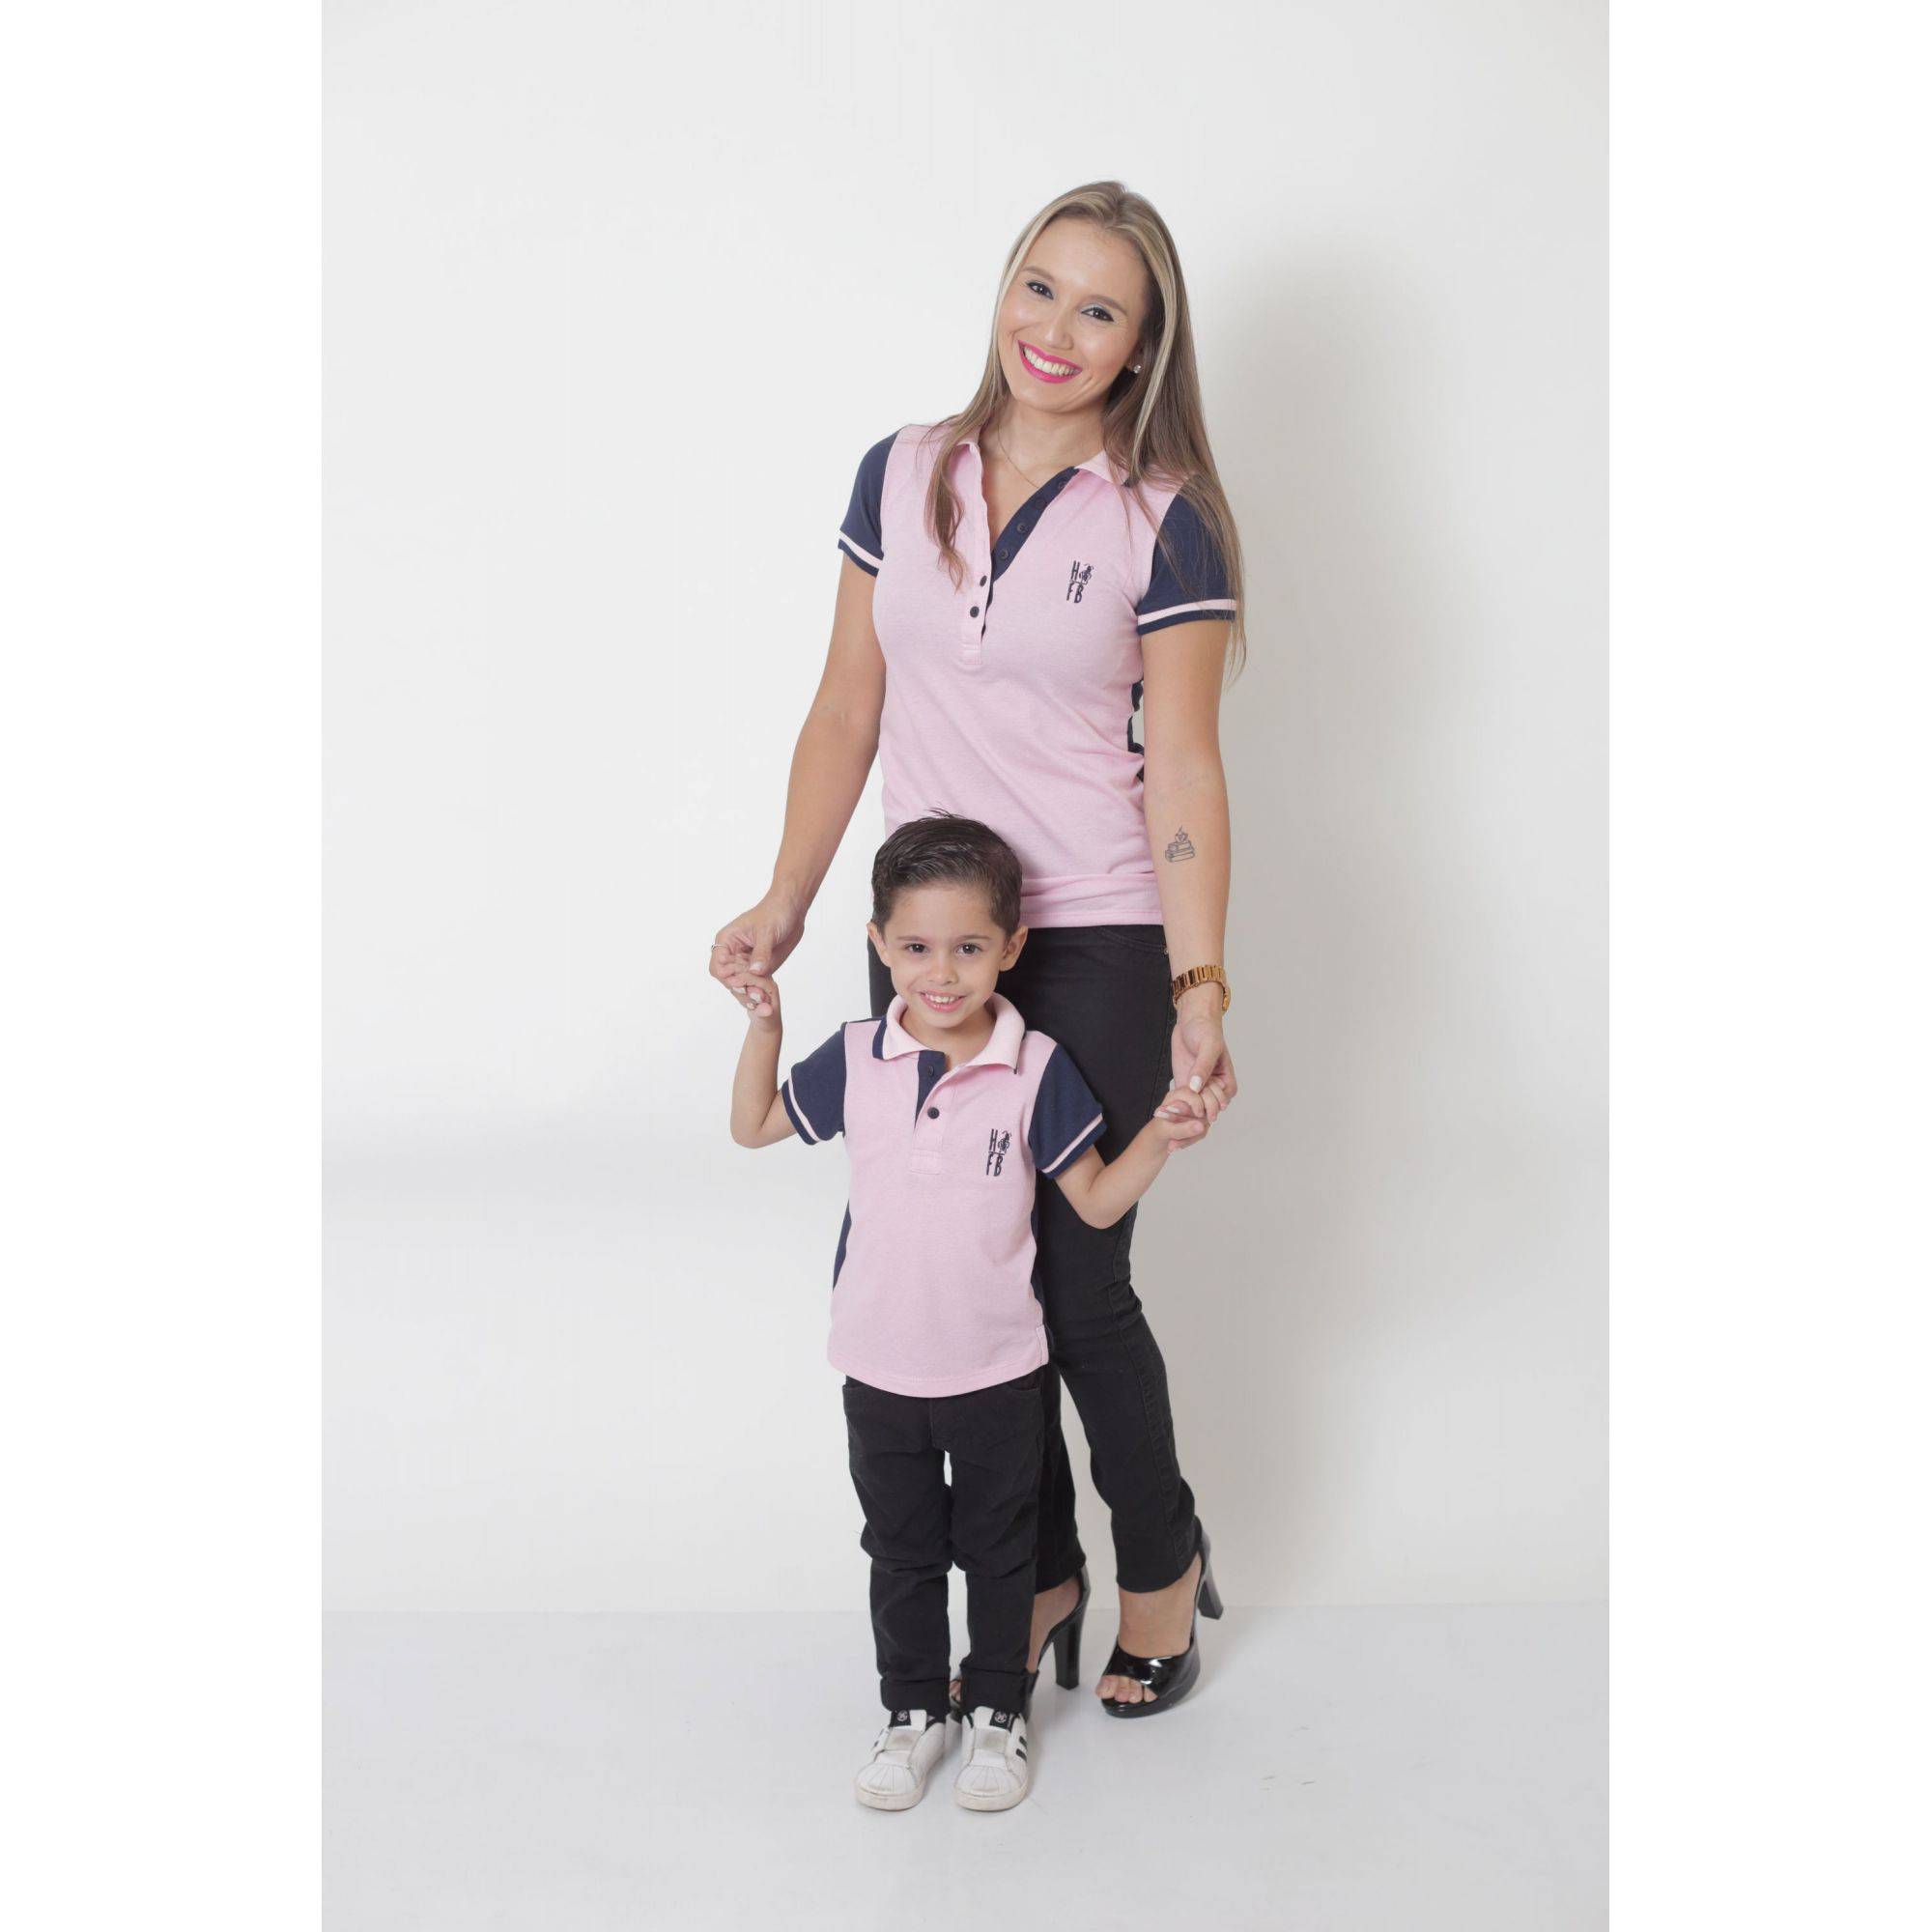 MÃE E FILHO > Kit 02 Peças - Camisas ou Body Polo Dual Cor  Rosa e Marinho [Coleção Tal Mãe Tal Filho]